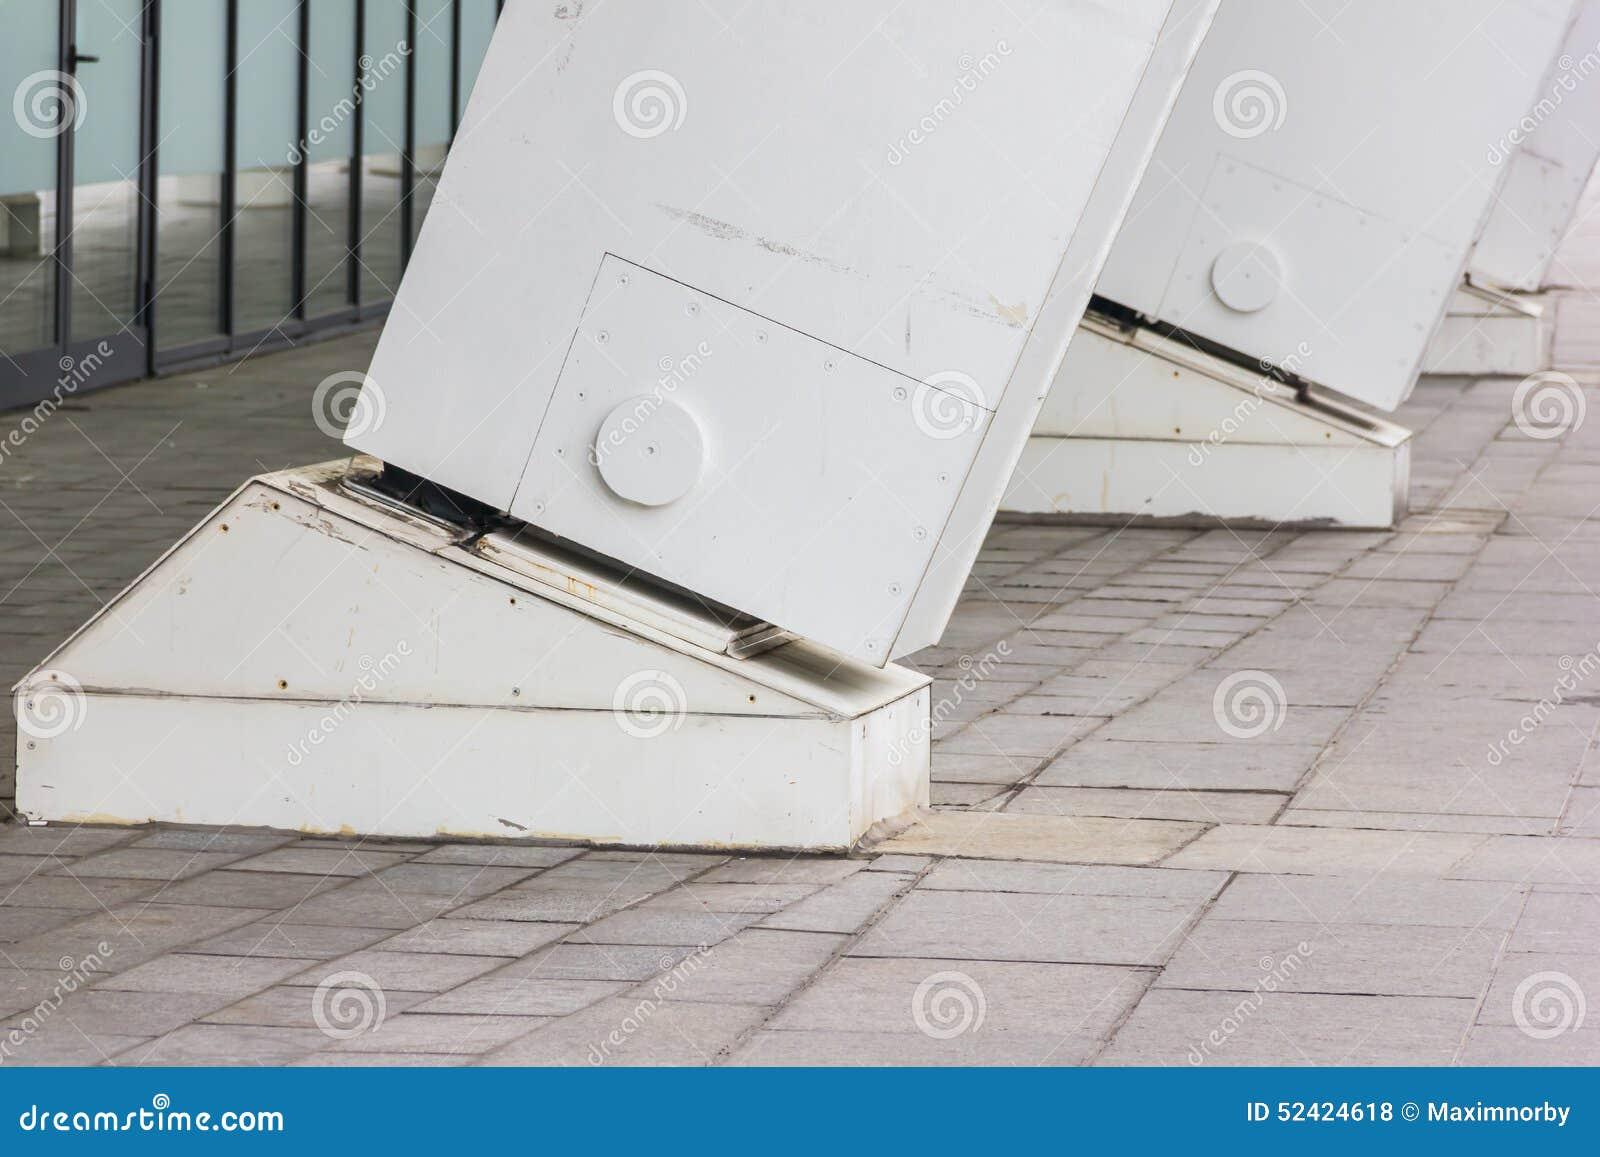 White Metal Pillars : Large white metal columns stock photo image